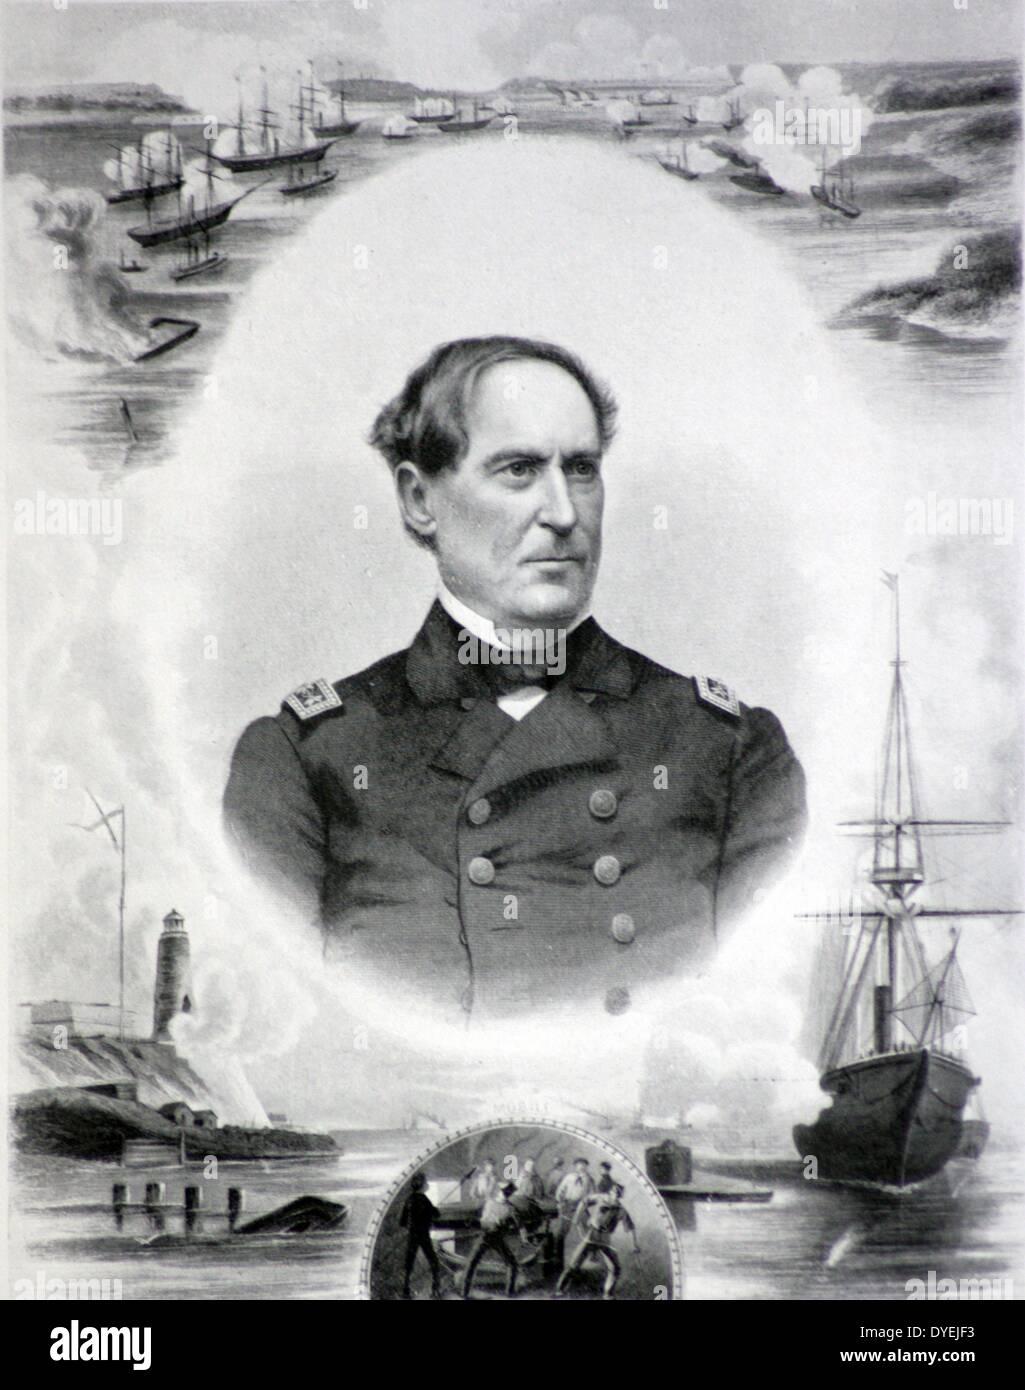 Admiral David G Farragut, U.S.N. (1801-1890) - Stock Image